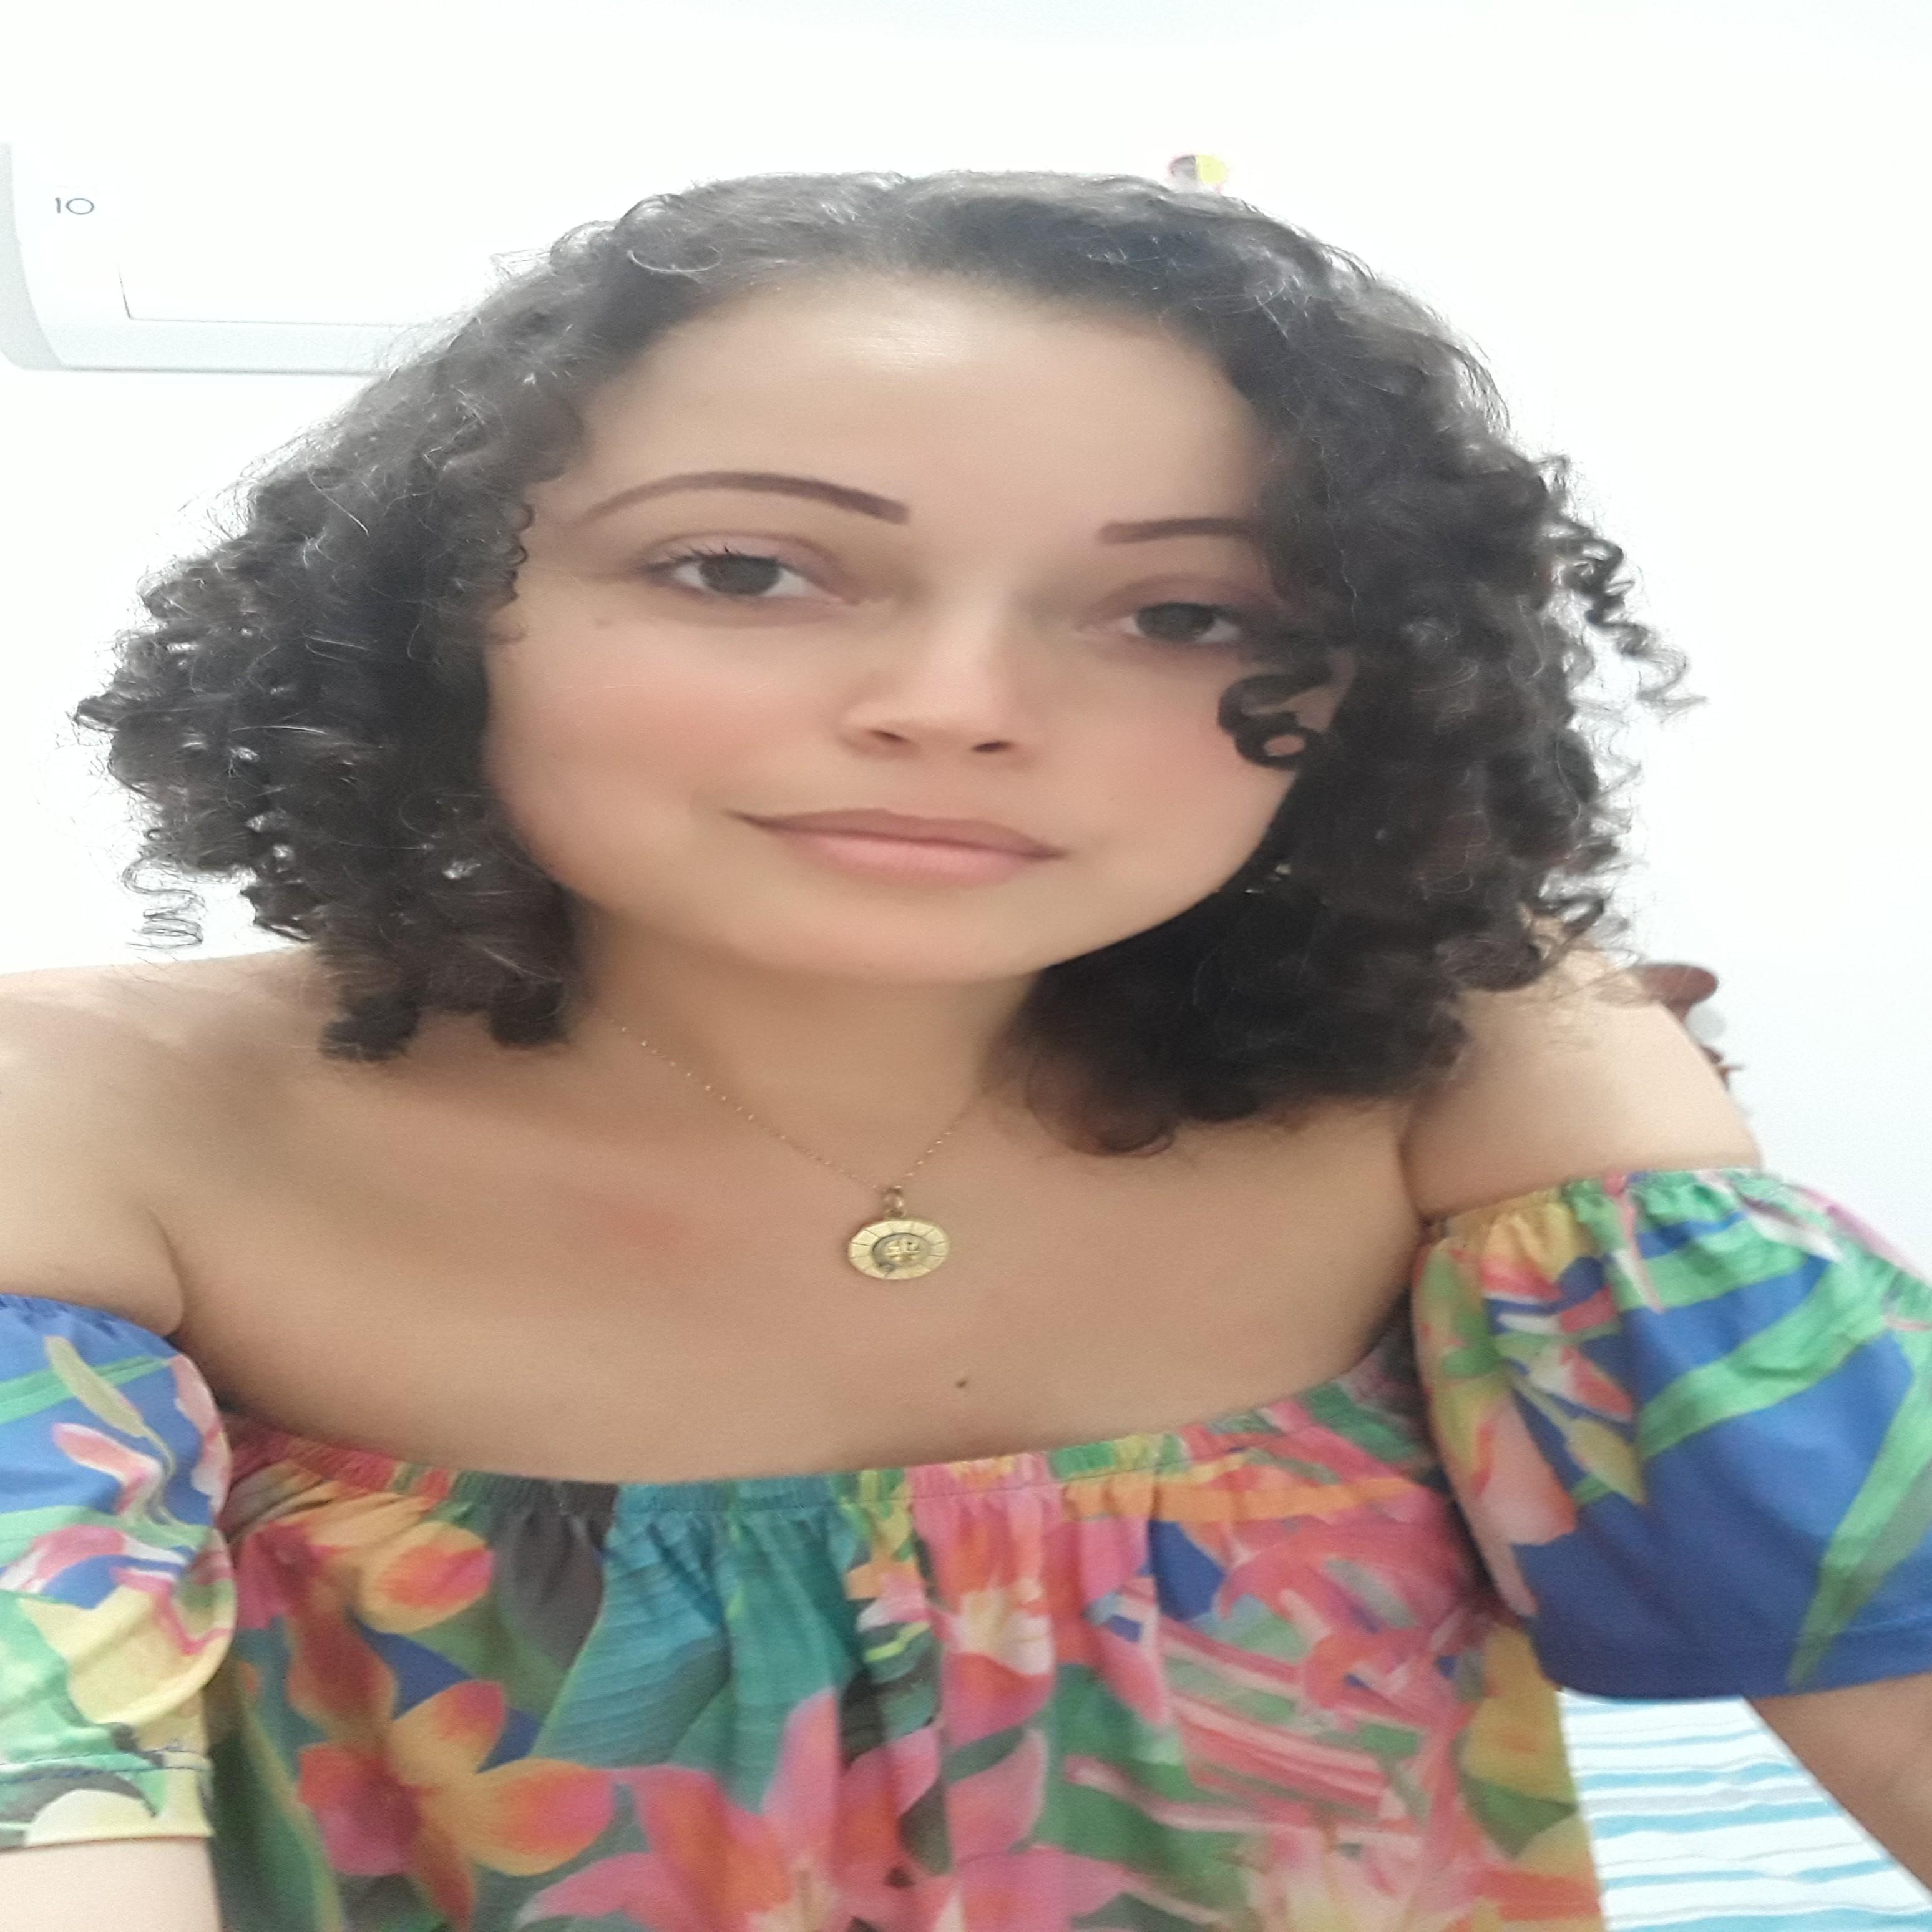 Camila Alonso